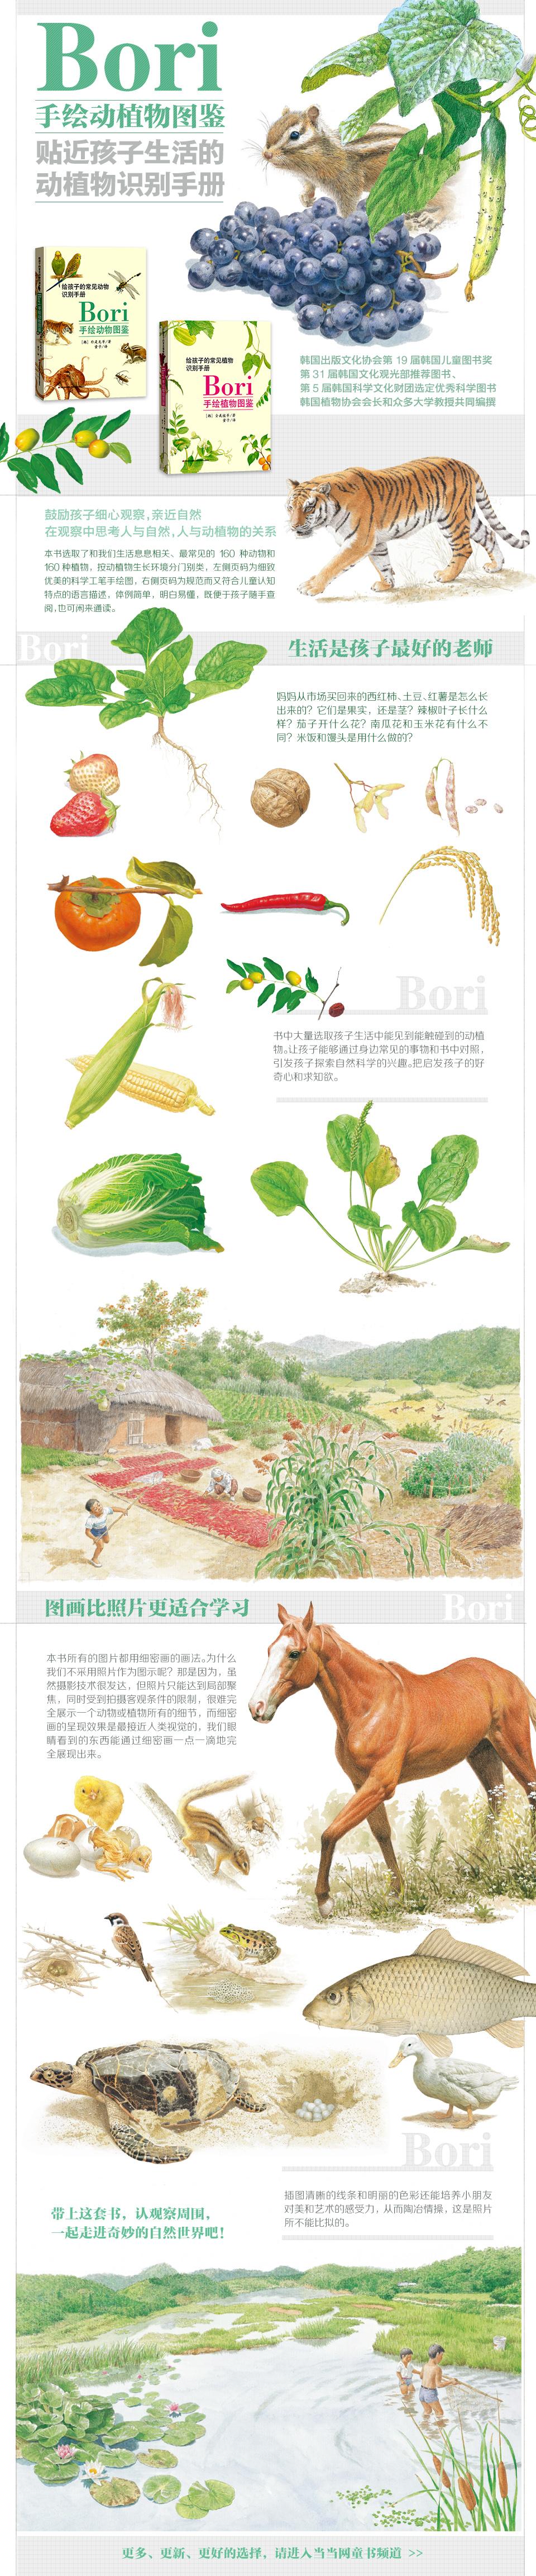 手绘玉米生长过程